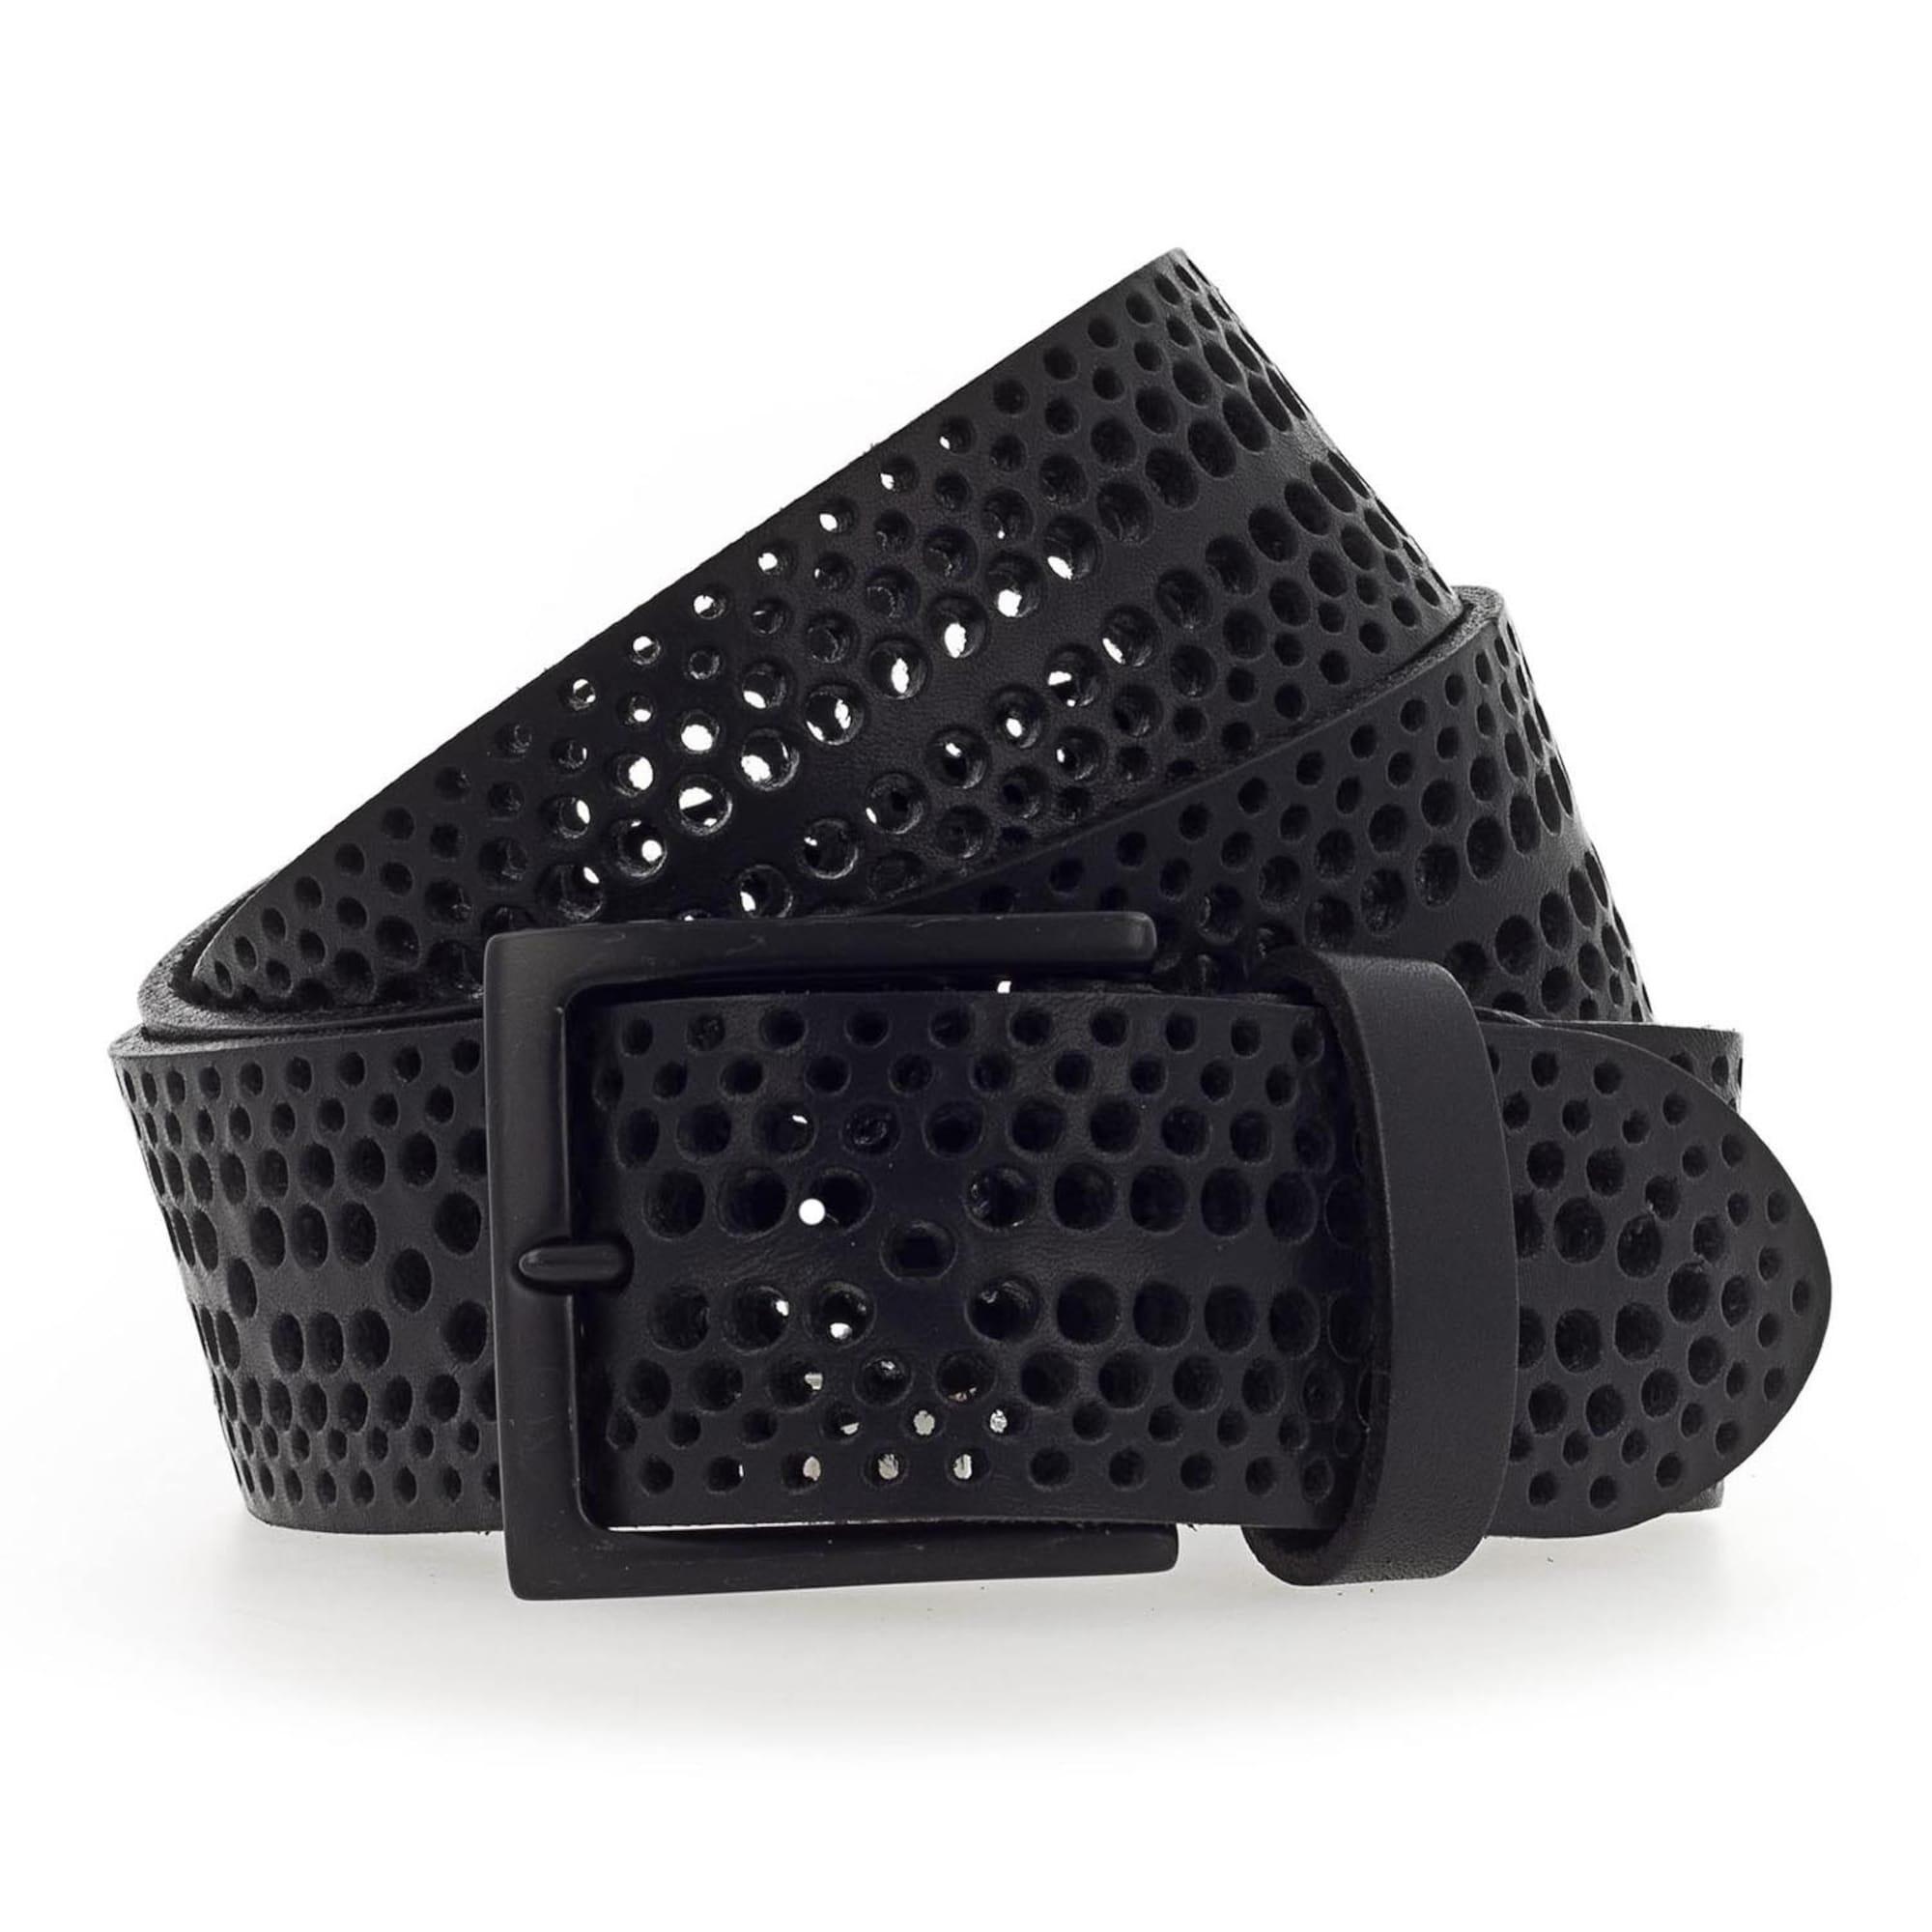 Riem 'Jed' b.belt Handmade in Germany